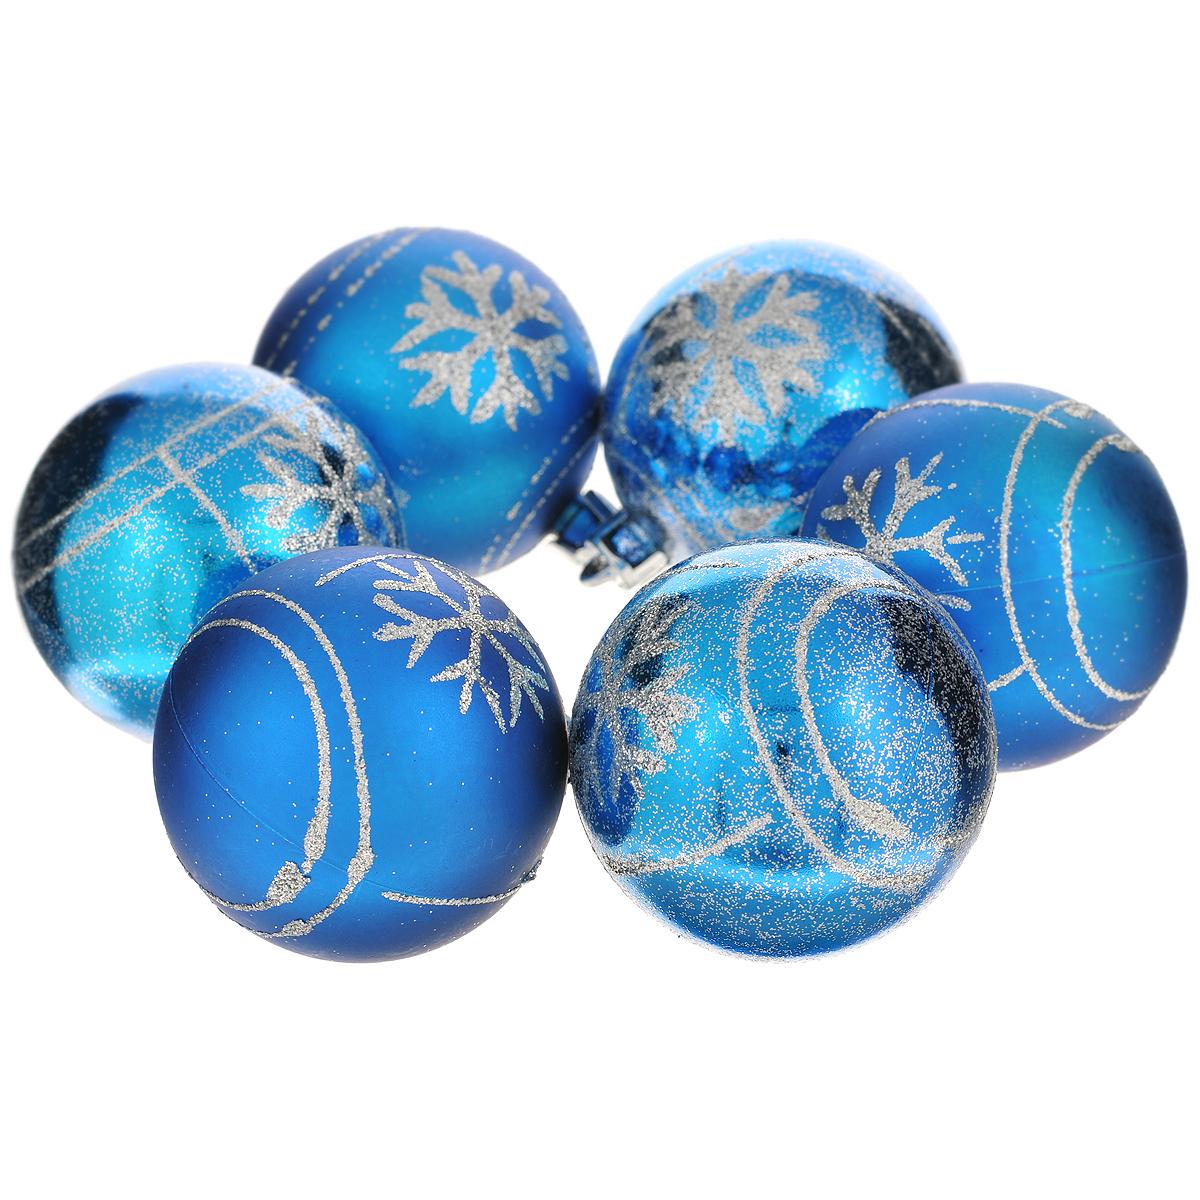 Набор новогодних подвесных украшений Шар, цвет: синий, диаметр 6 см, 6 шт. 3553735537Набор новогодних подвесных украшений Шар прекрасно подойдет для праздничного декора новогодней ели. Состоит из шести шаров. Елочная игрушка - символ Нового года. Она несет в себе волшебство и красоту праздника. Создайте в своем доме атмосферу веселья и радости, украшая новогоднюю елку нарядными игрушками, которые будут из года в год накапливать теплоту воспоминаний. Коллекция декоративных украшений принесет в ваш дом ни с чем несравнимое ощущение волшебства! Откройте для себя удивительный мир сказок и грез. Почувствуйте волшебные минуты ожидания праздника, создайте новогоднее настроение вашим дорогим и близким.